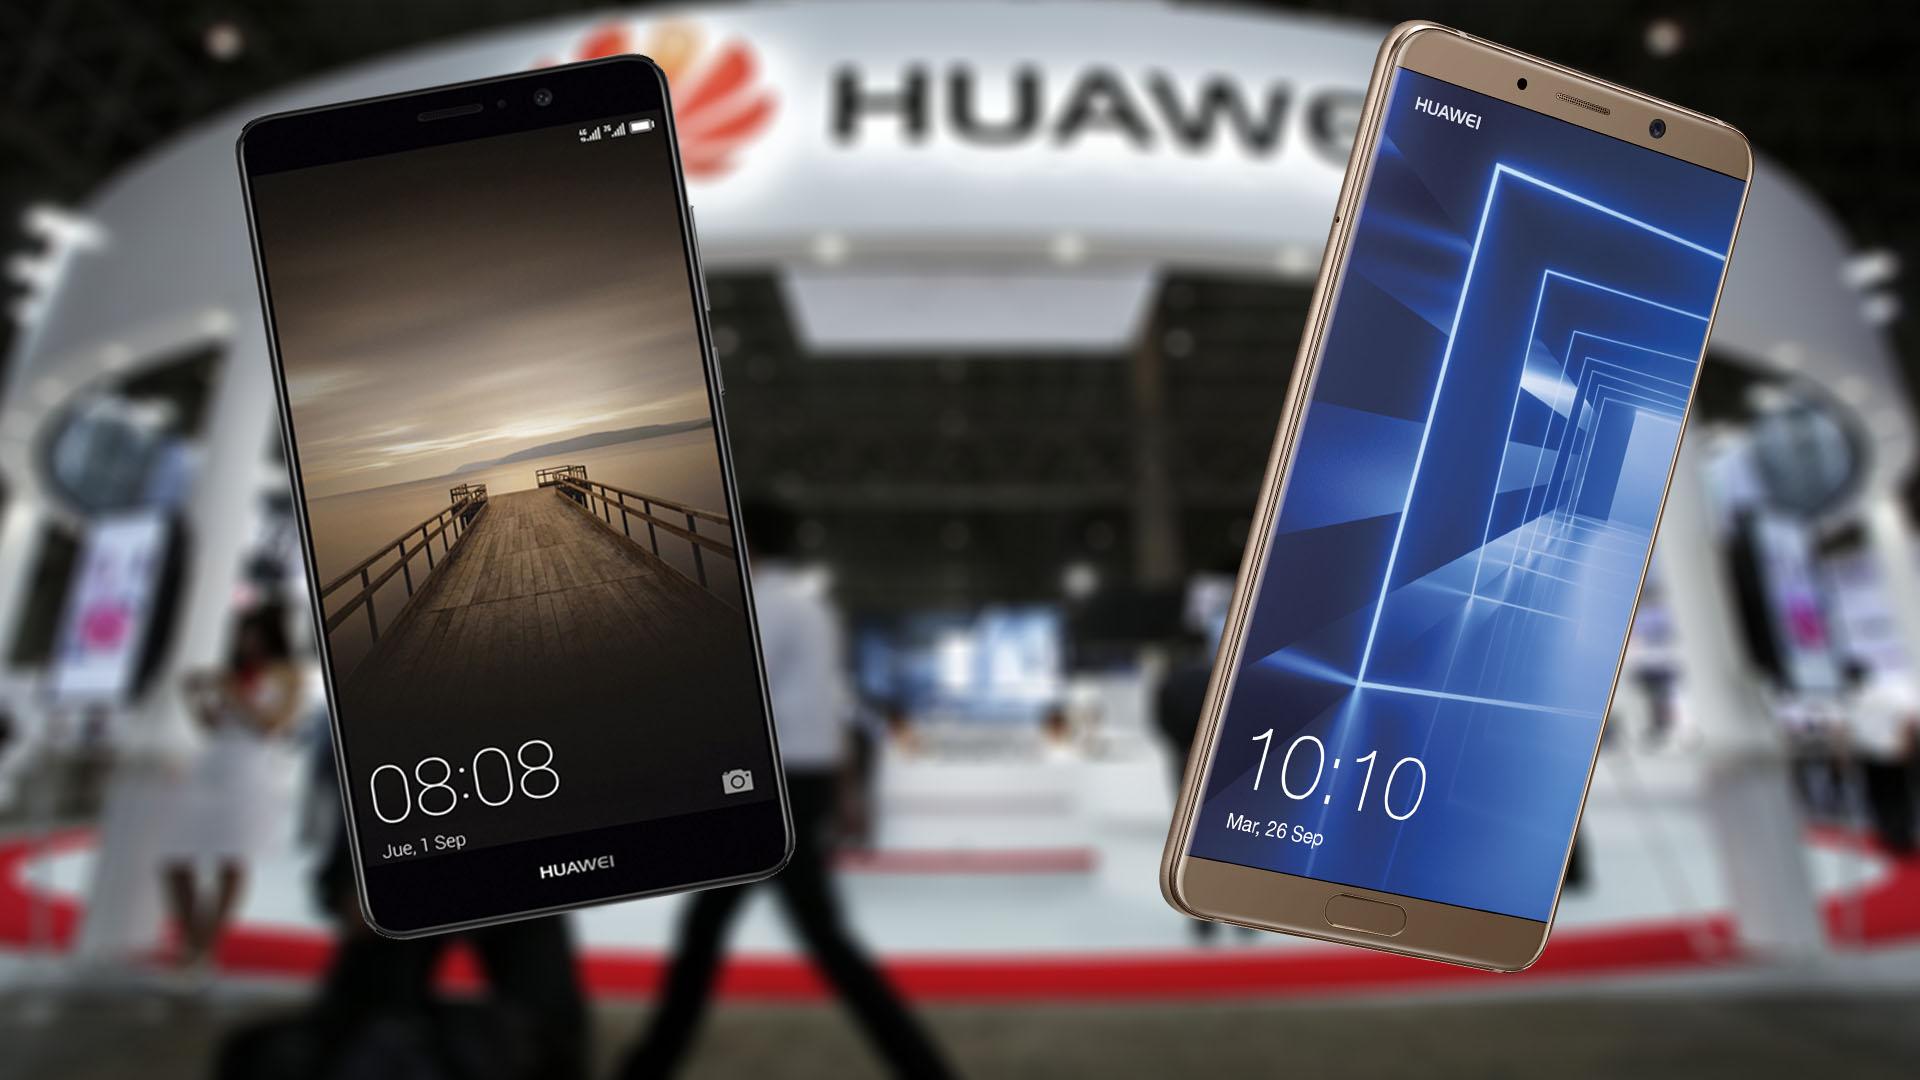 Huawei Mate 10 vs Huawei Mate 9